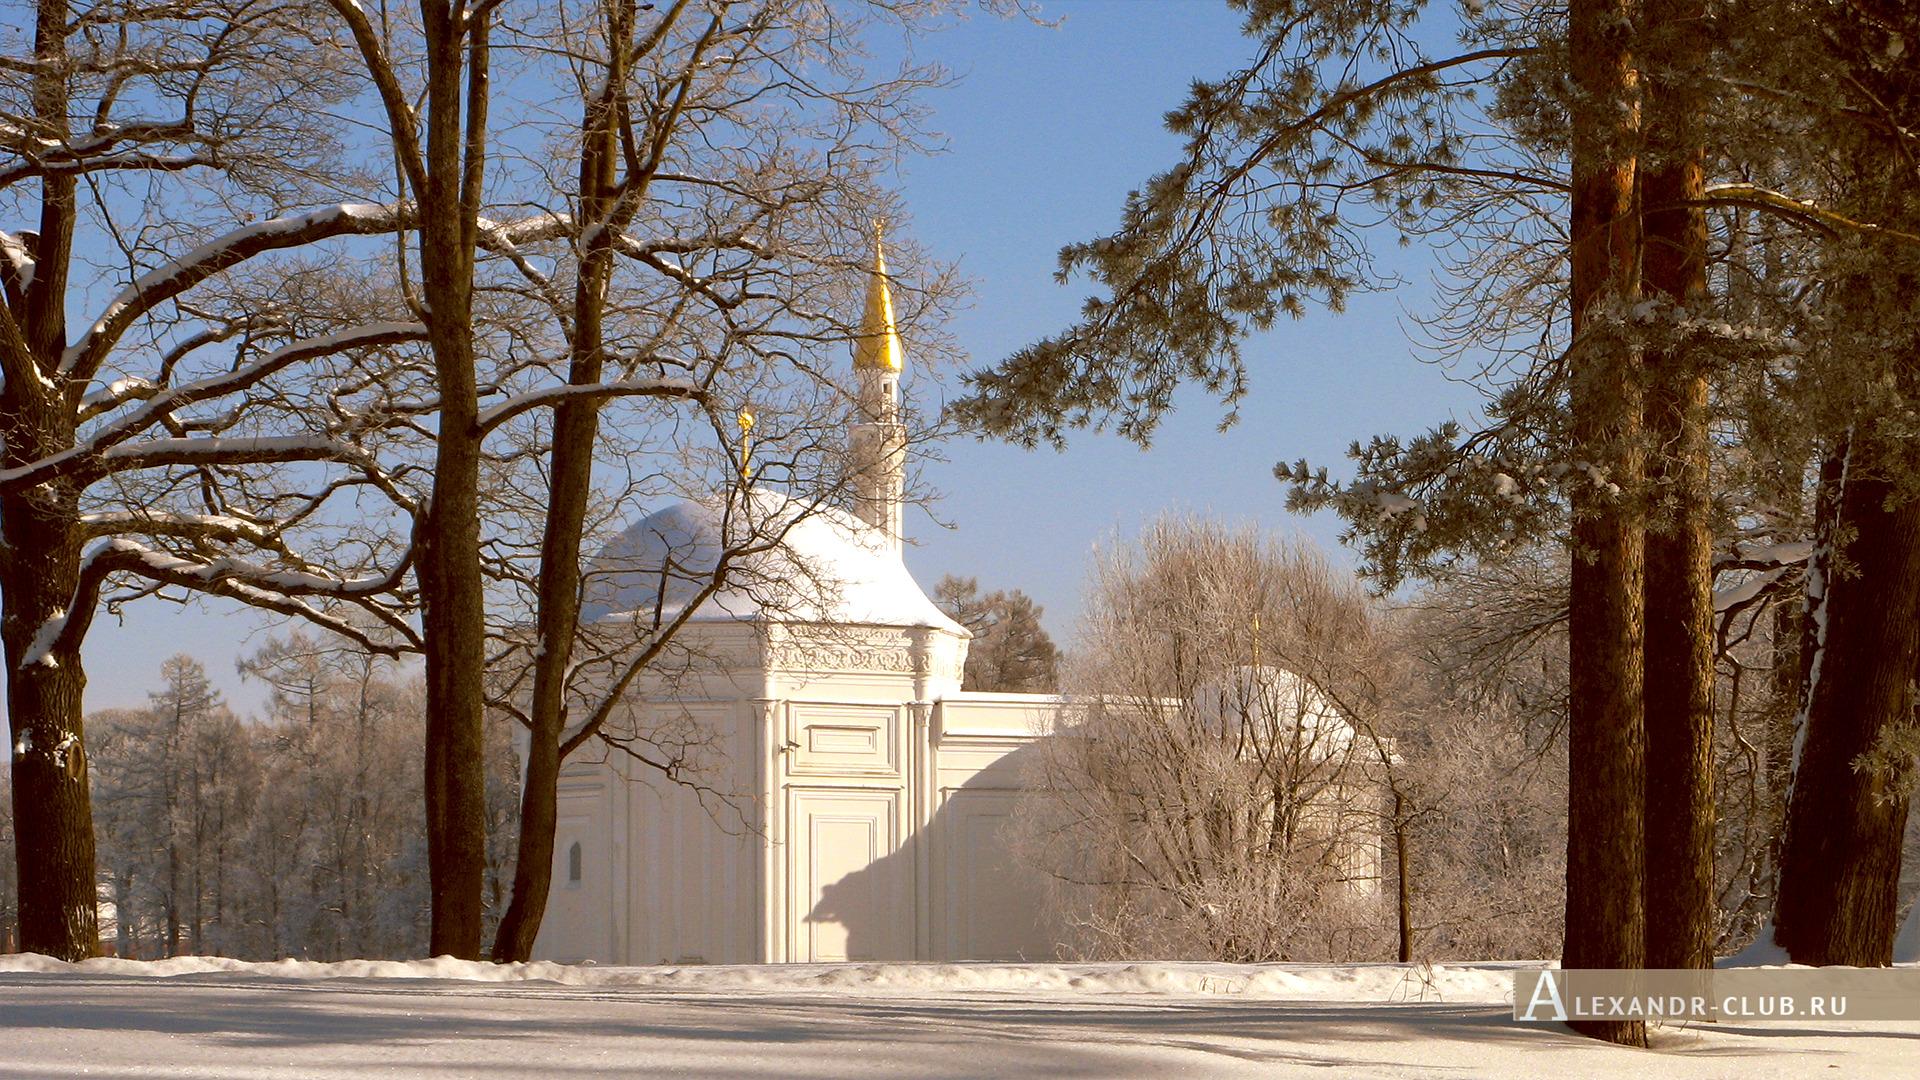 Царское Село, зима, Екатерининский парк, павильон «Турецкая баня»